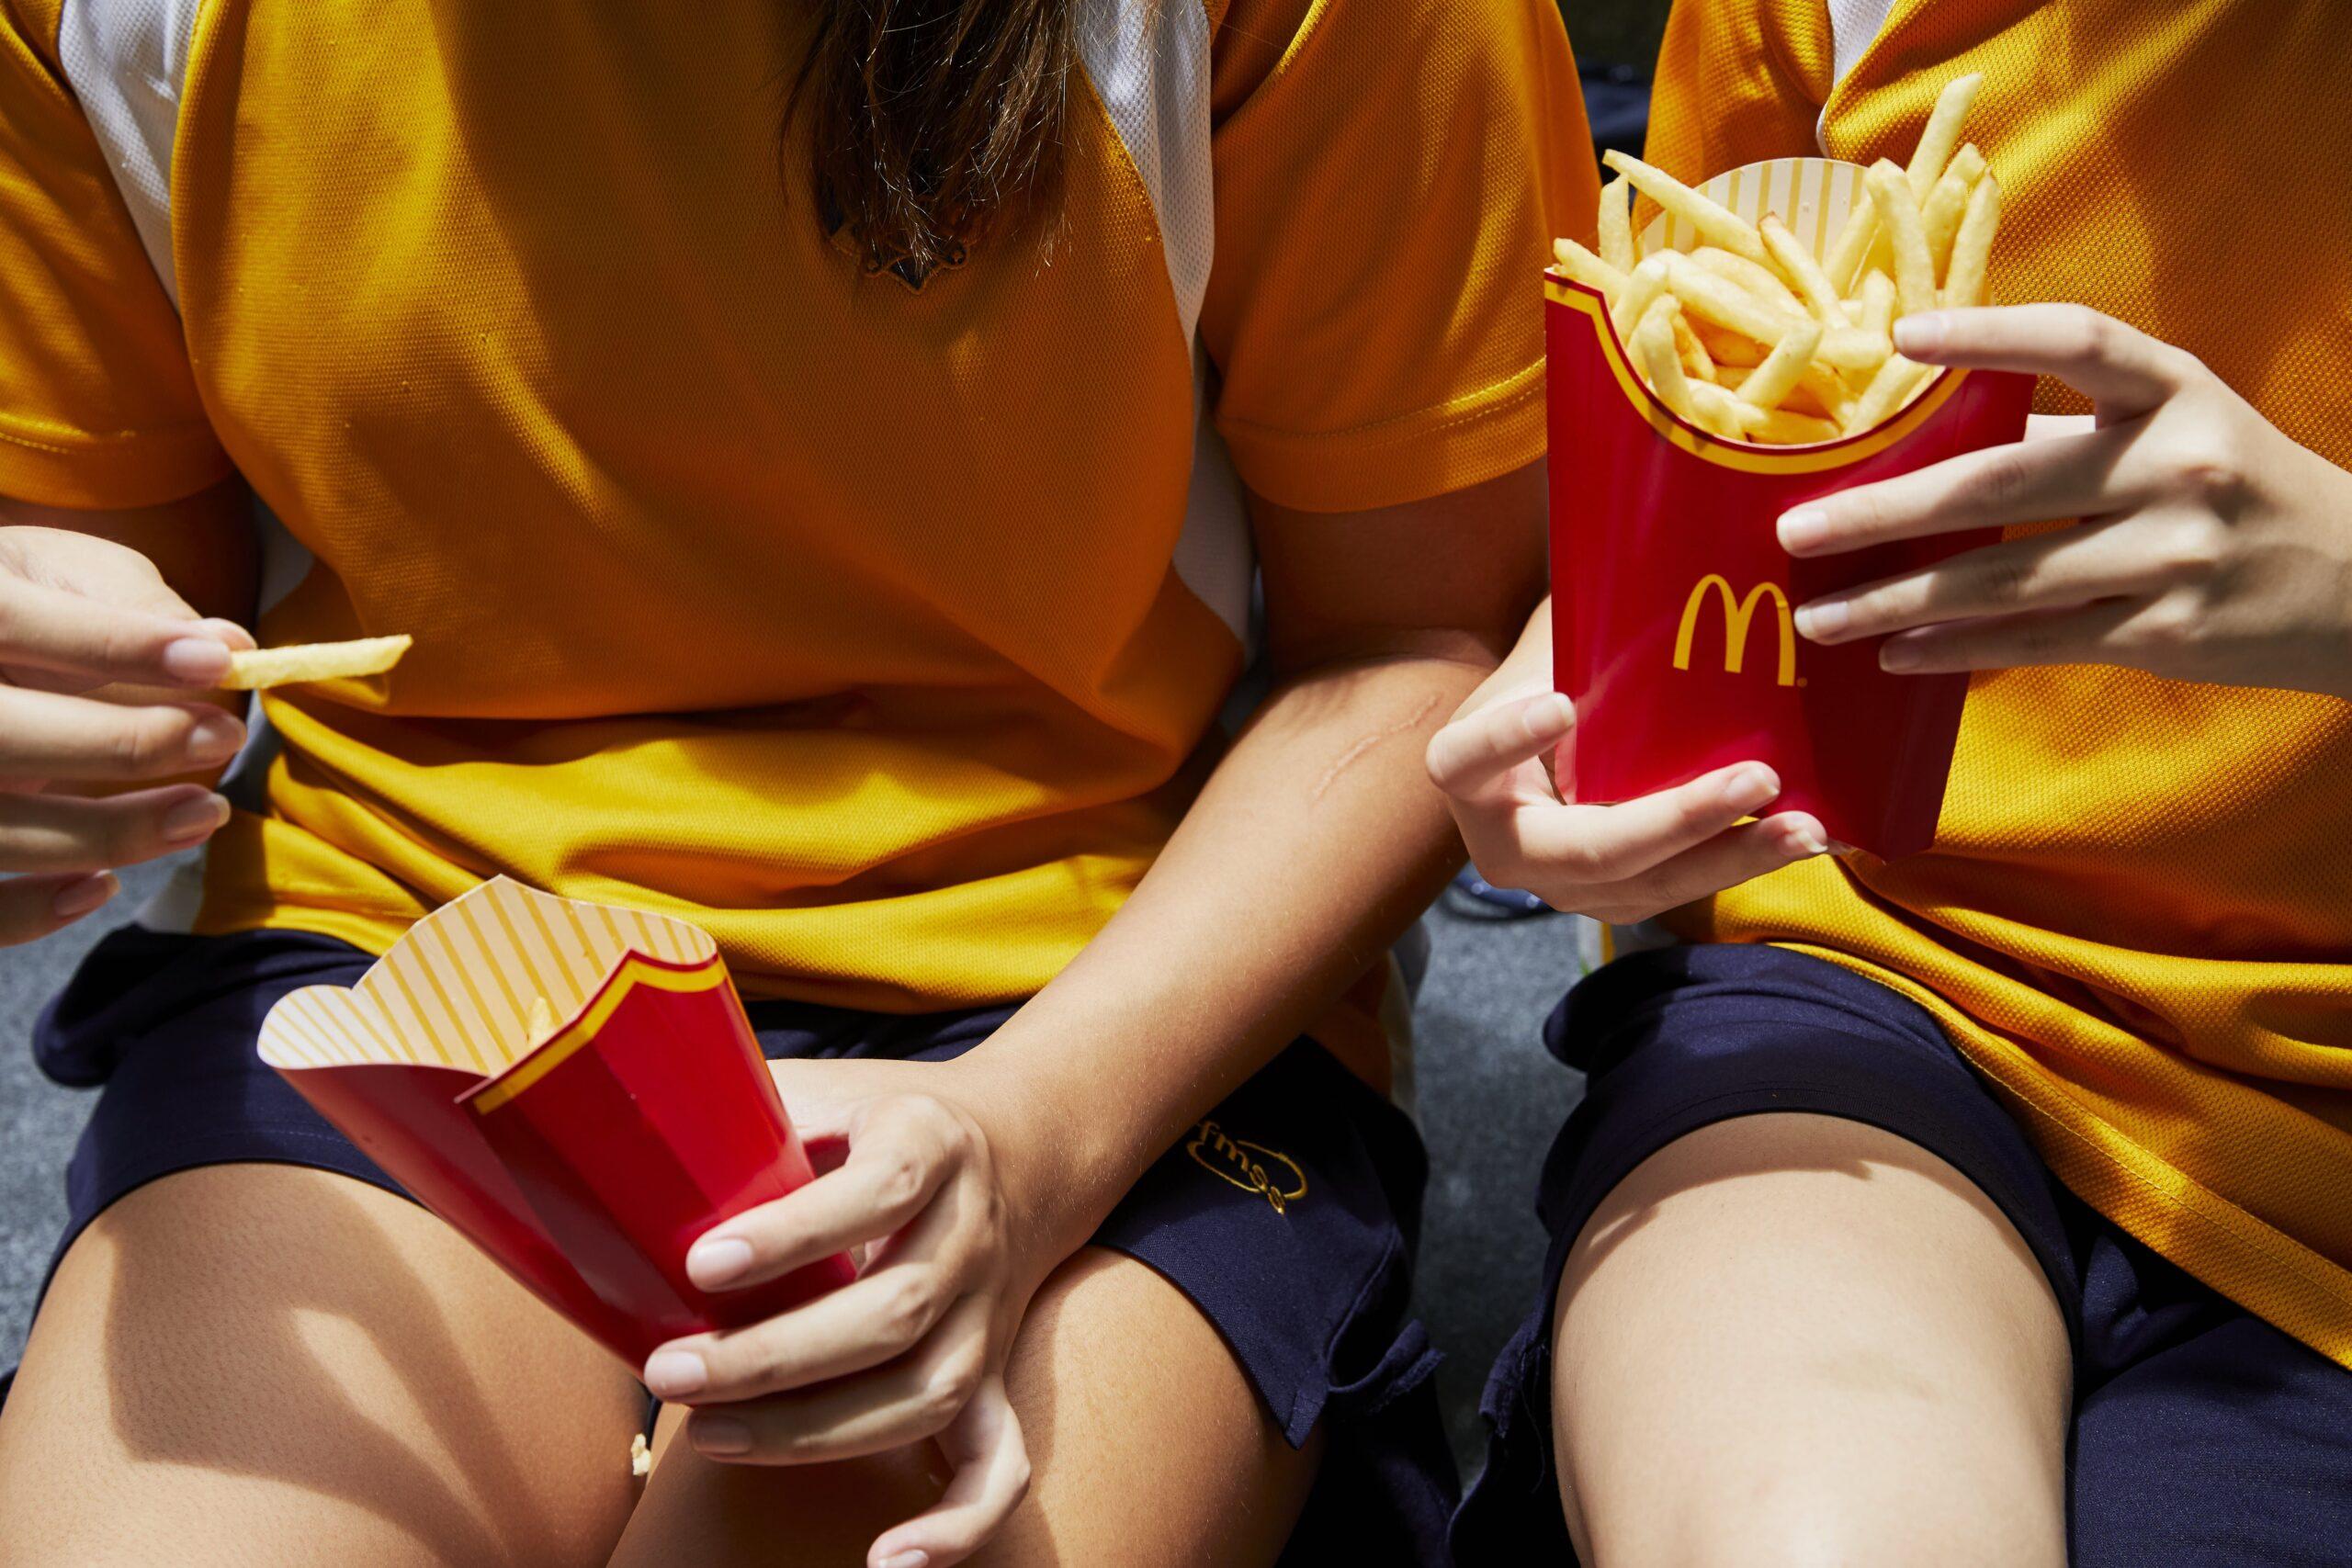 En el Día Mundial de las Papas Fritas, McDonald's revela 10 secretos sobre sus famosas papas